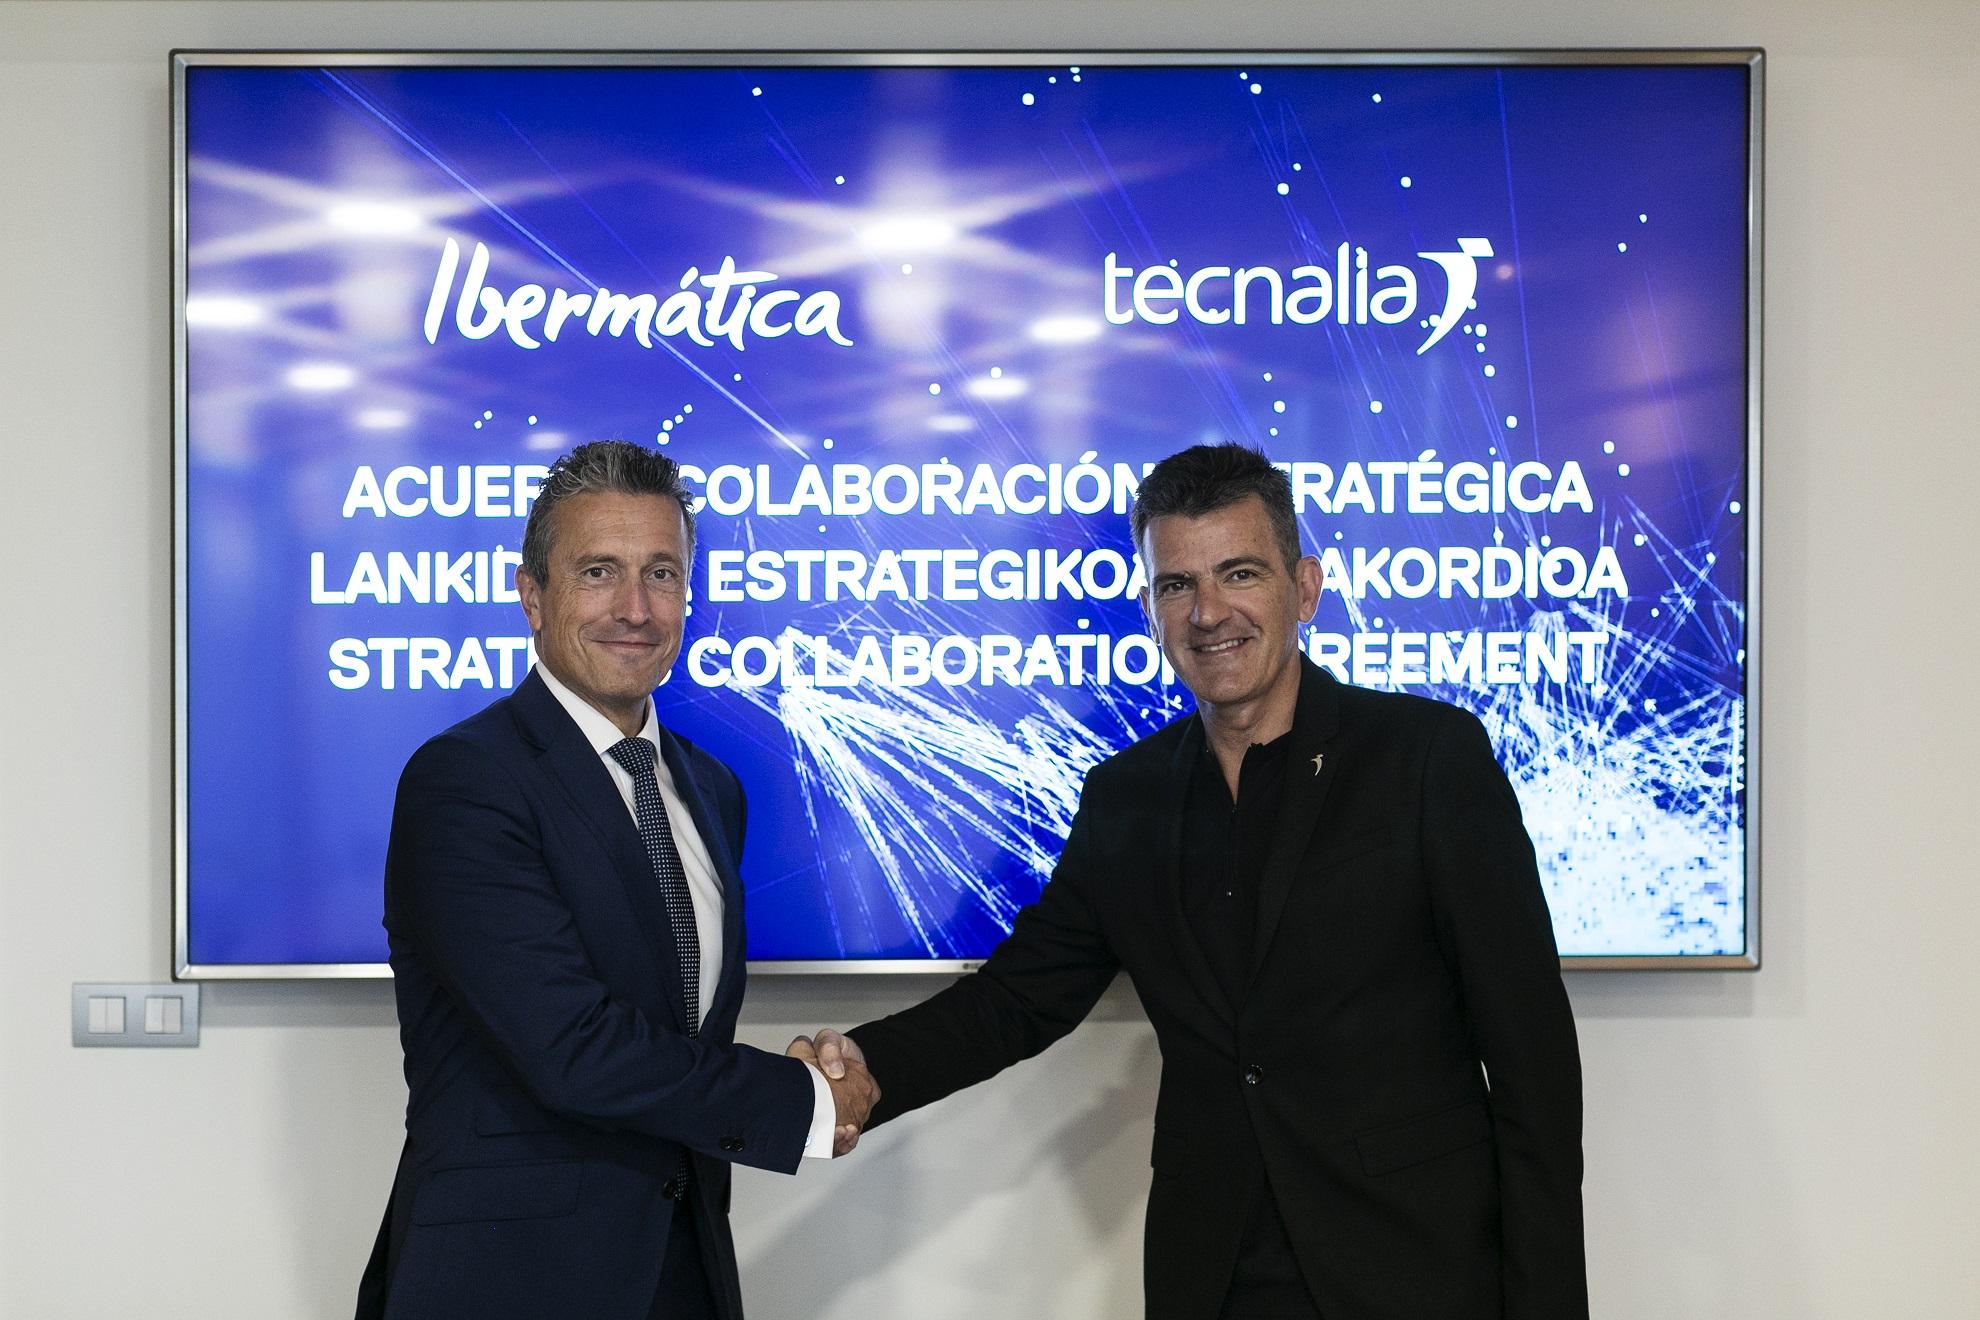 Juan Ignacio Sanz, director general y consejero delegado de Ibermática, y Iñaki San Sebastián, CEO de Tecnalia.